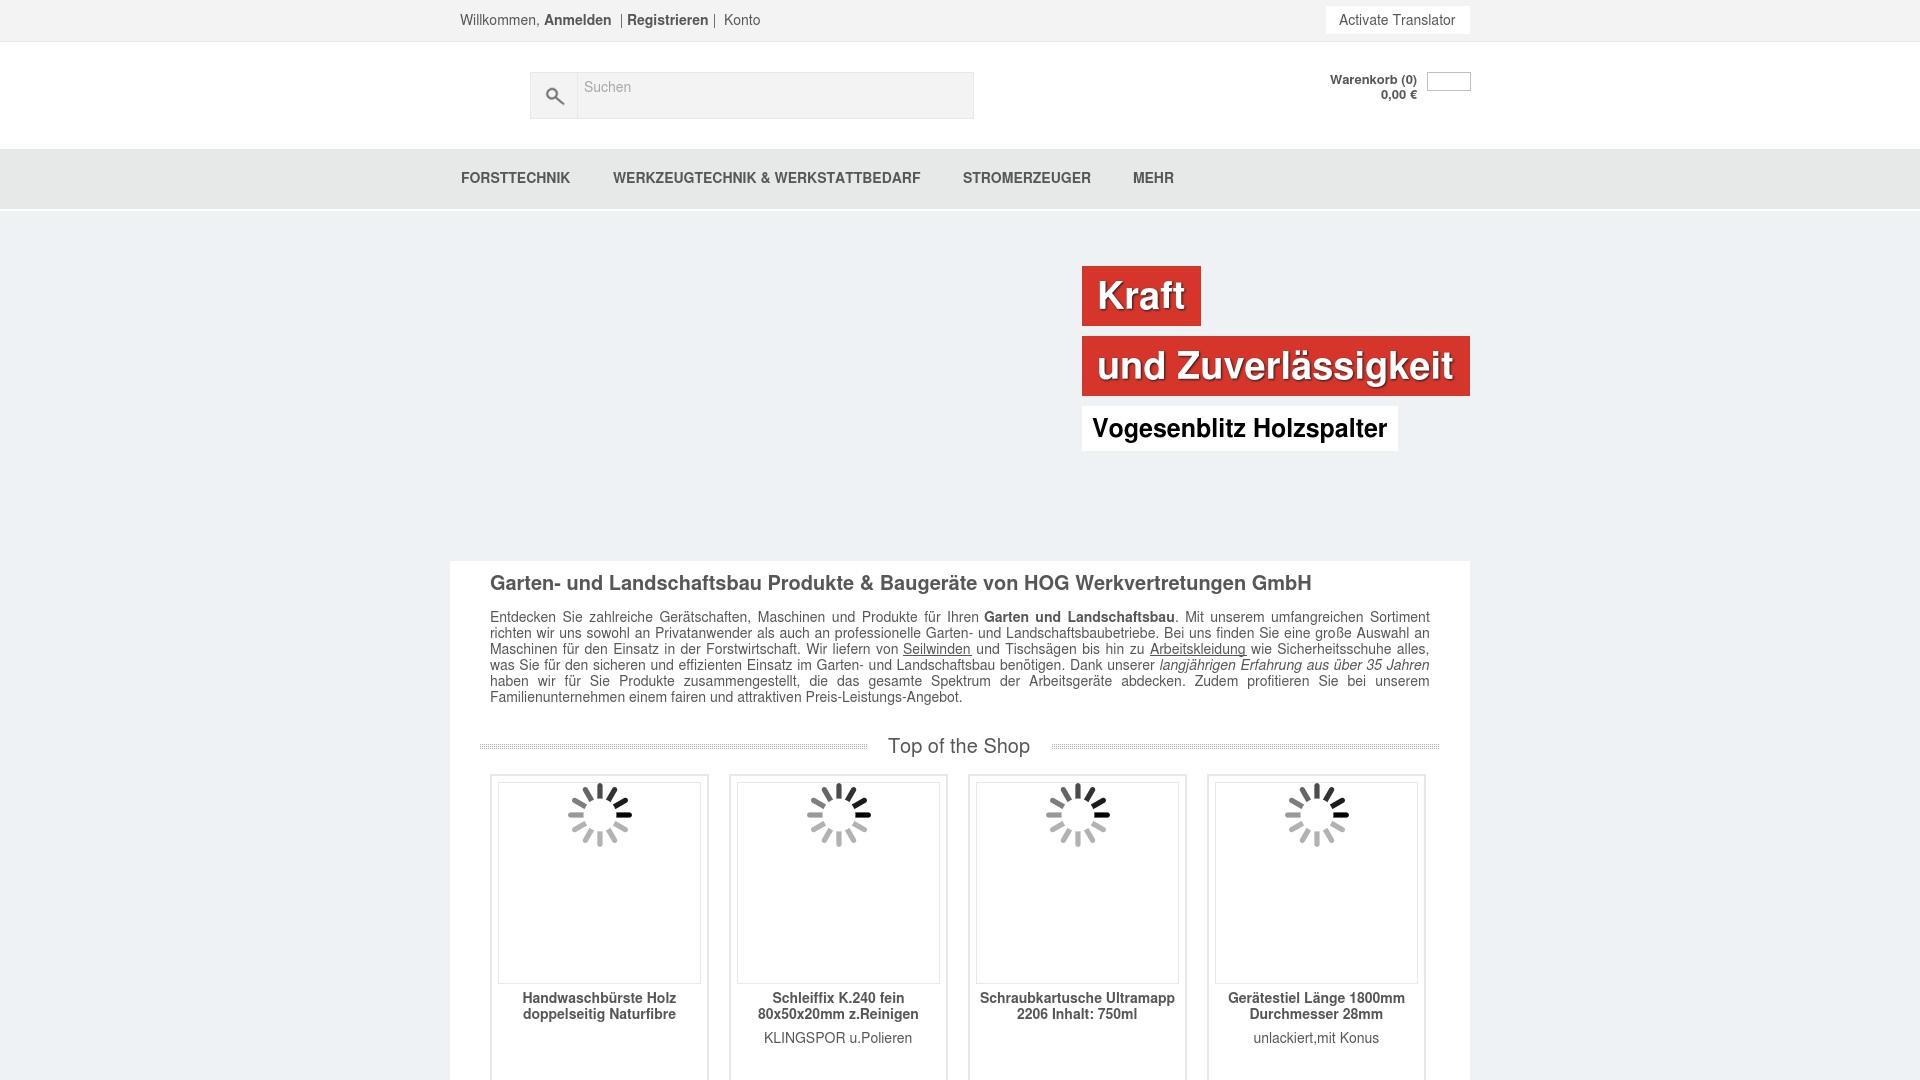 Gutschein für Hoggmbh: Rabatte für  Hoggmbh sichern